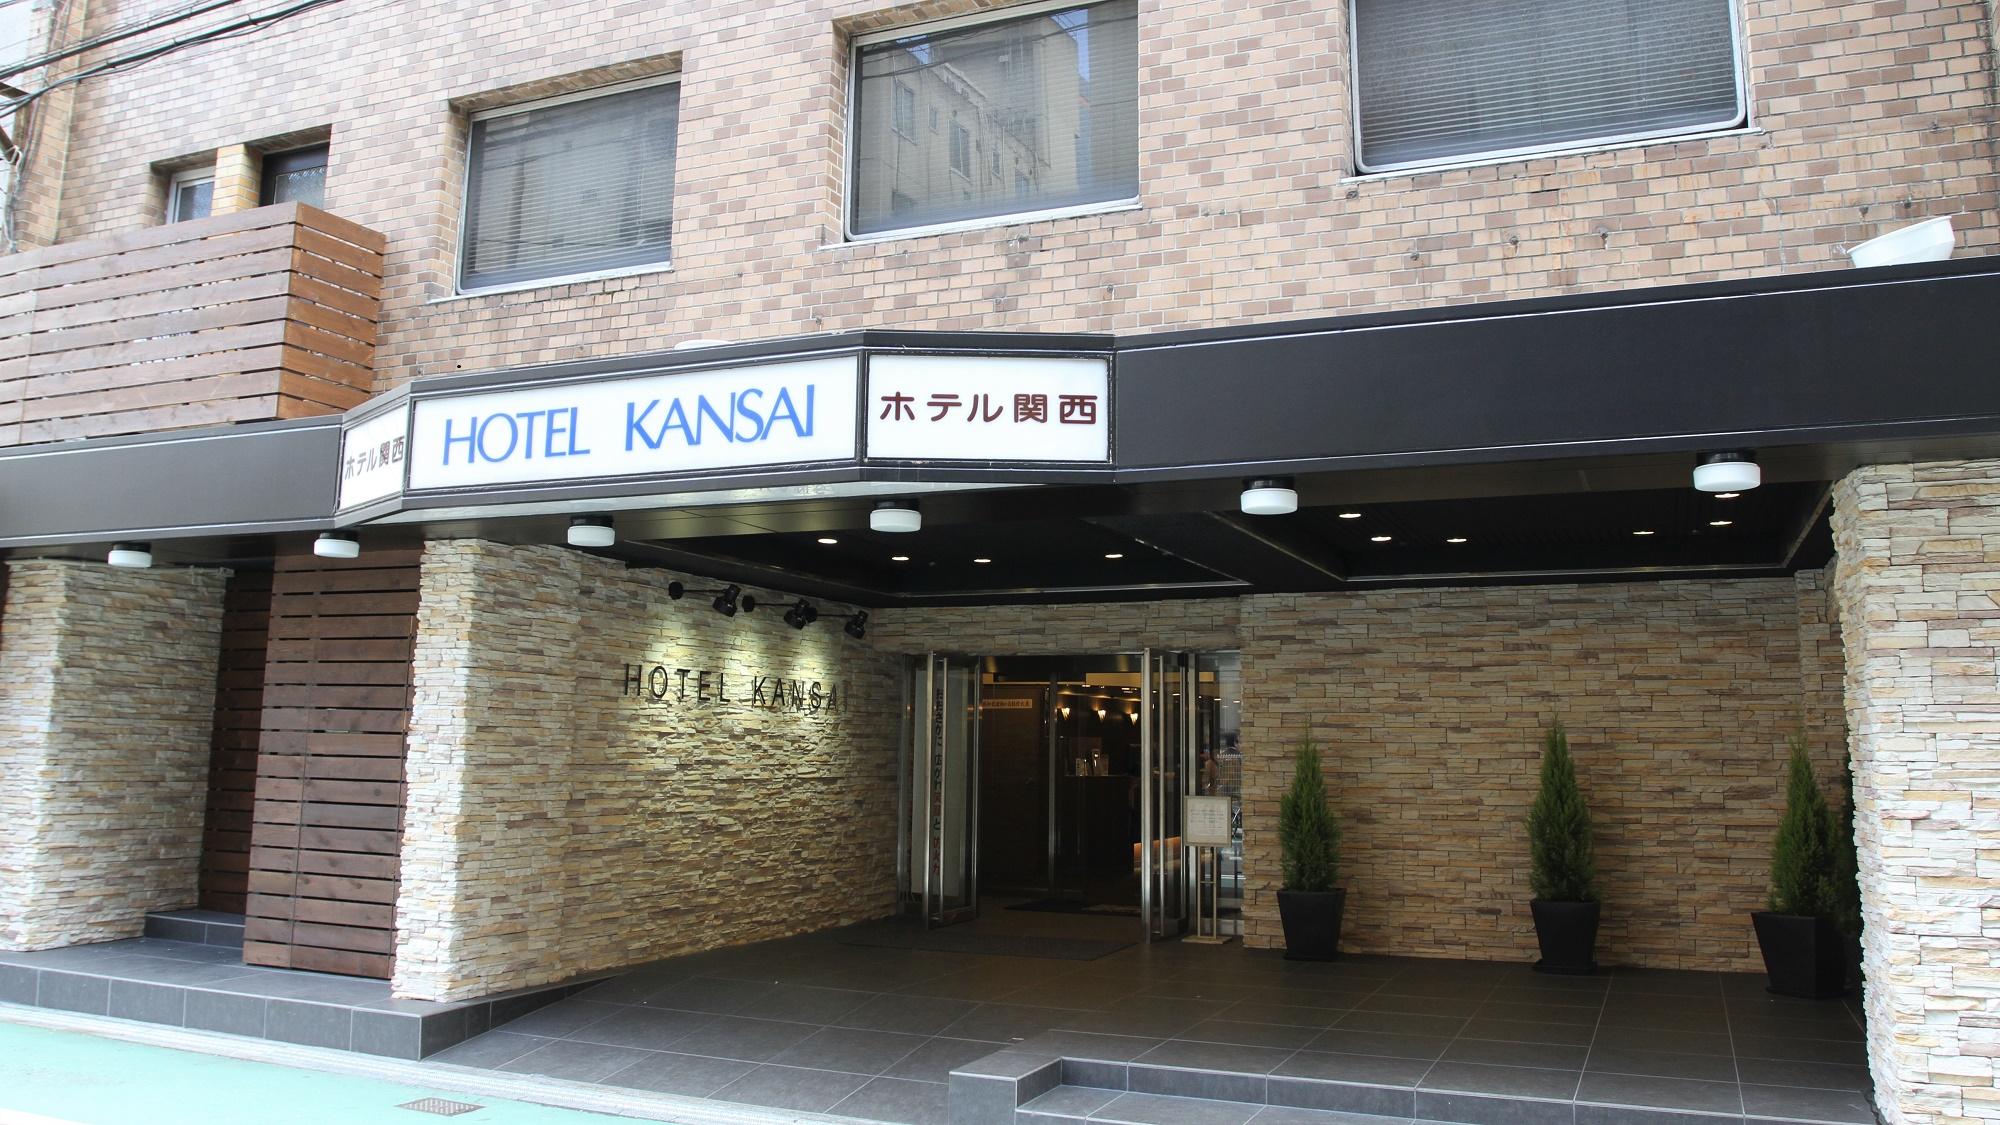 ホテル関西 image